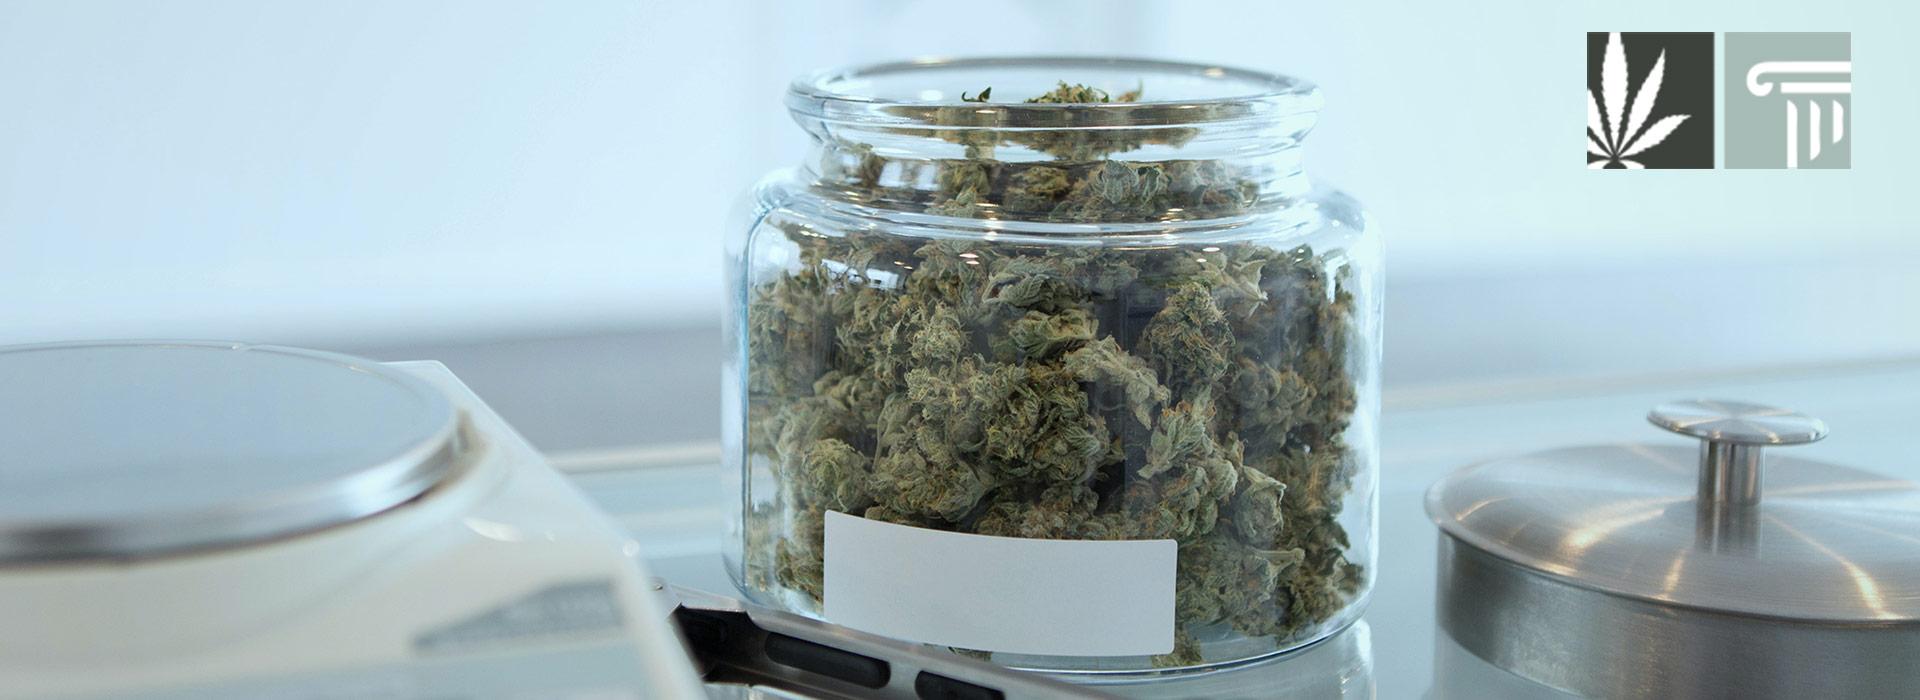 cannabis legal new york